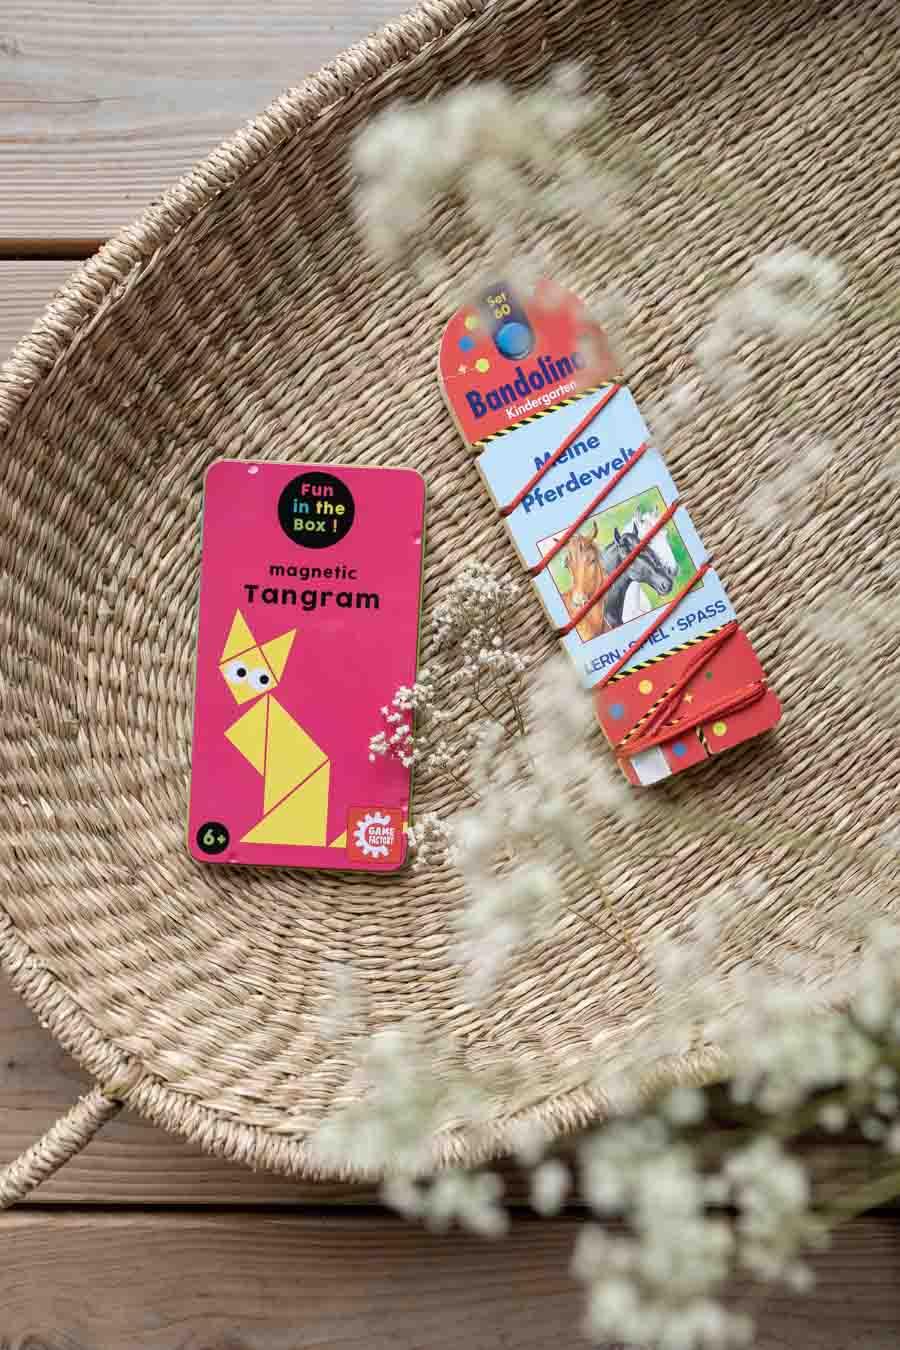 Reisespiele wie Tangram und Bandolino: Wir liefern 10 Ideen, um lange Reisen mit Kind (im Zug oder Auto) mit Freude zu überstehen. Spiele ohne Material, Lieder (Spotifylisten), erprobte Hörbücher & Apps, sowie (Sticker-)bücher und Spielideen die wenig Platz im Koffer brauchen. Beschäftigung und Spiele für Unterwegs. Für Kleinkinder und Eltern die Urlaub mit Kind #spielideen #reisen #nachhaltigreisen